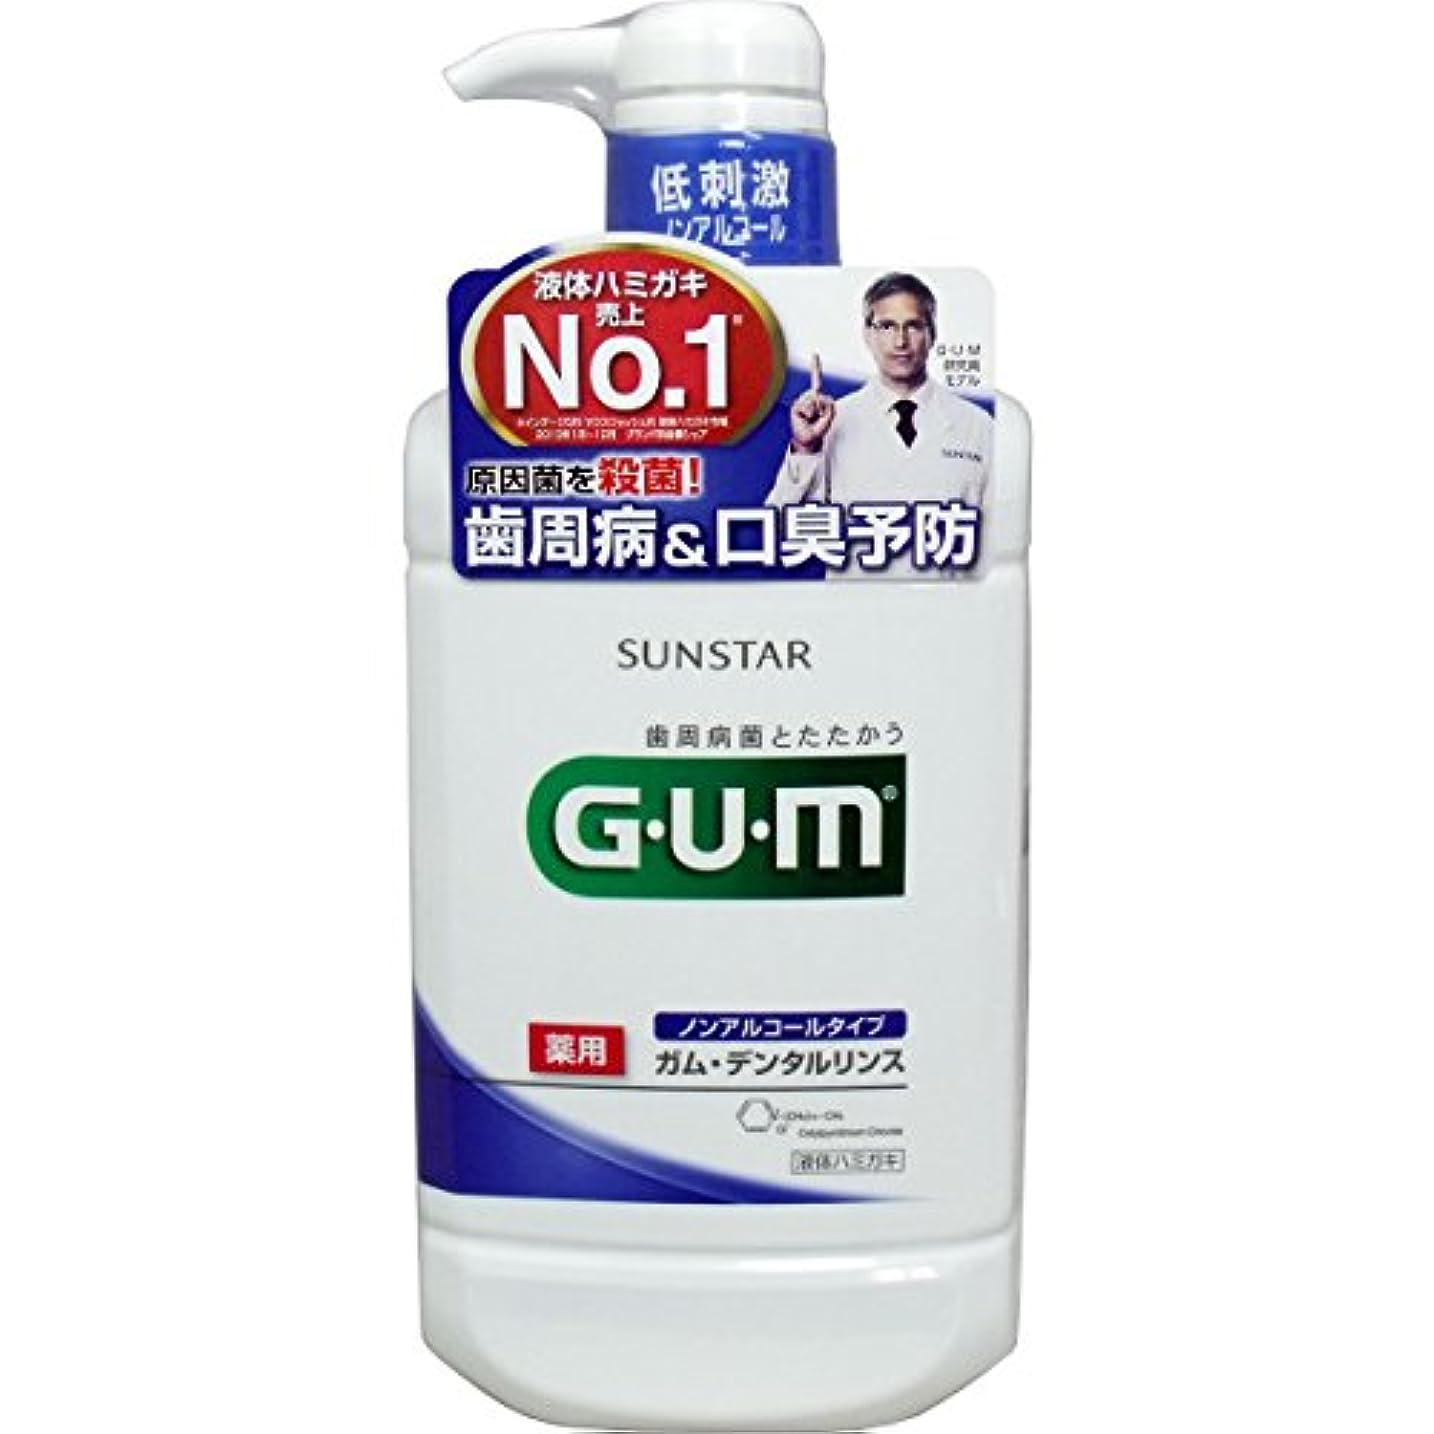 許容タイト爆発【まとめ買い】GUM(ガム)?デンタルリンス (ノンアルコールタイプ) 960mL (医薬部外品)×3個